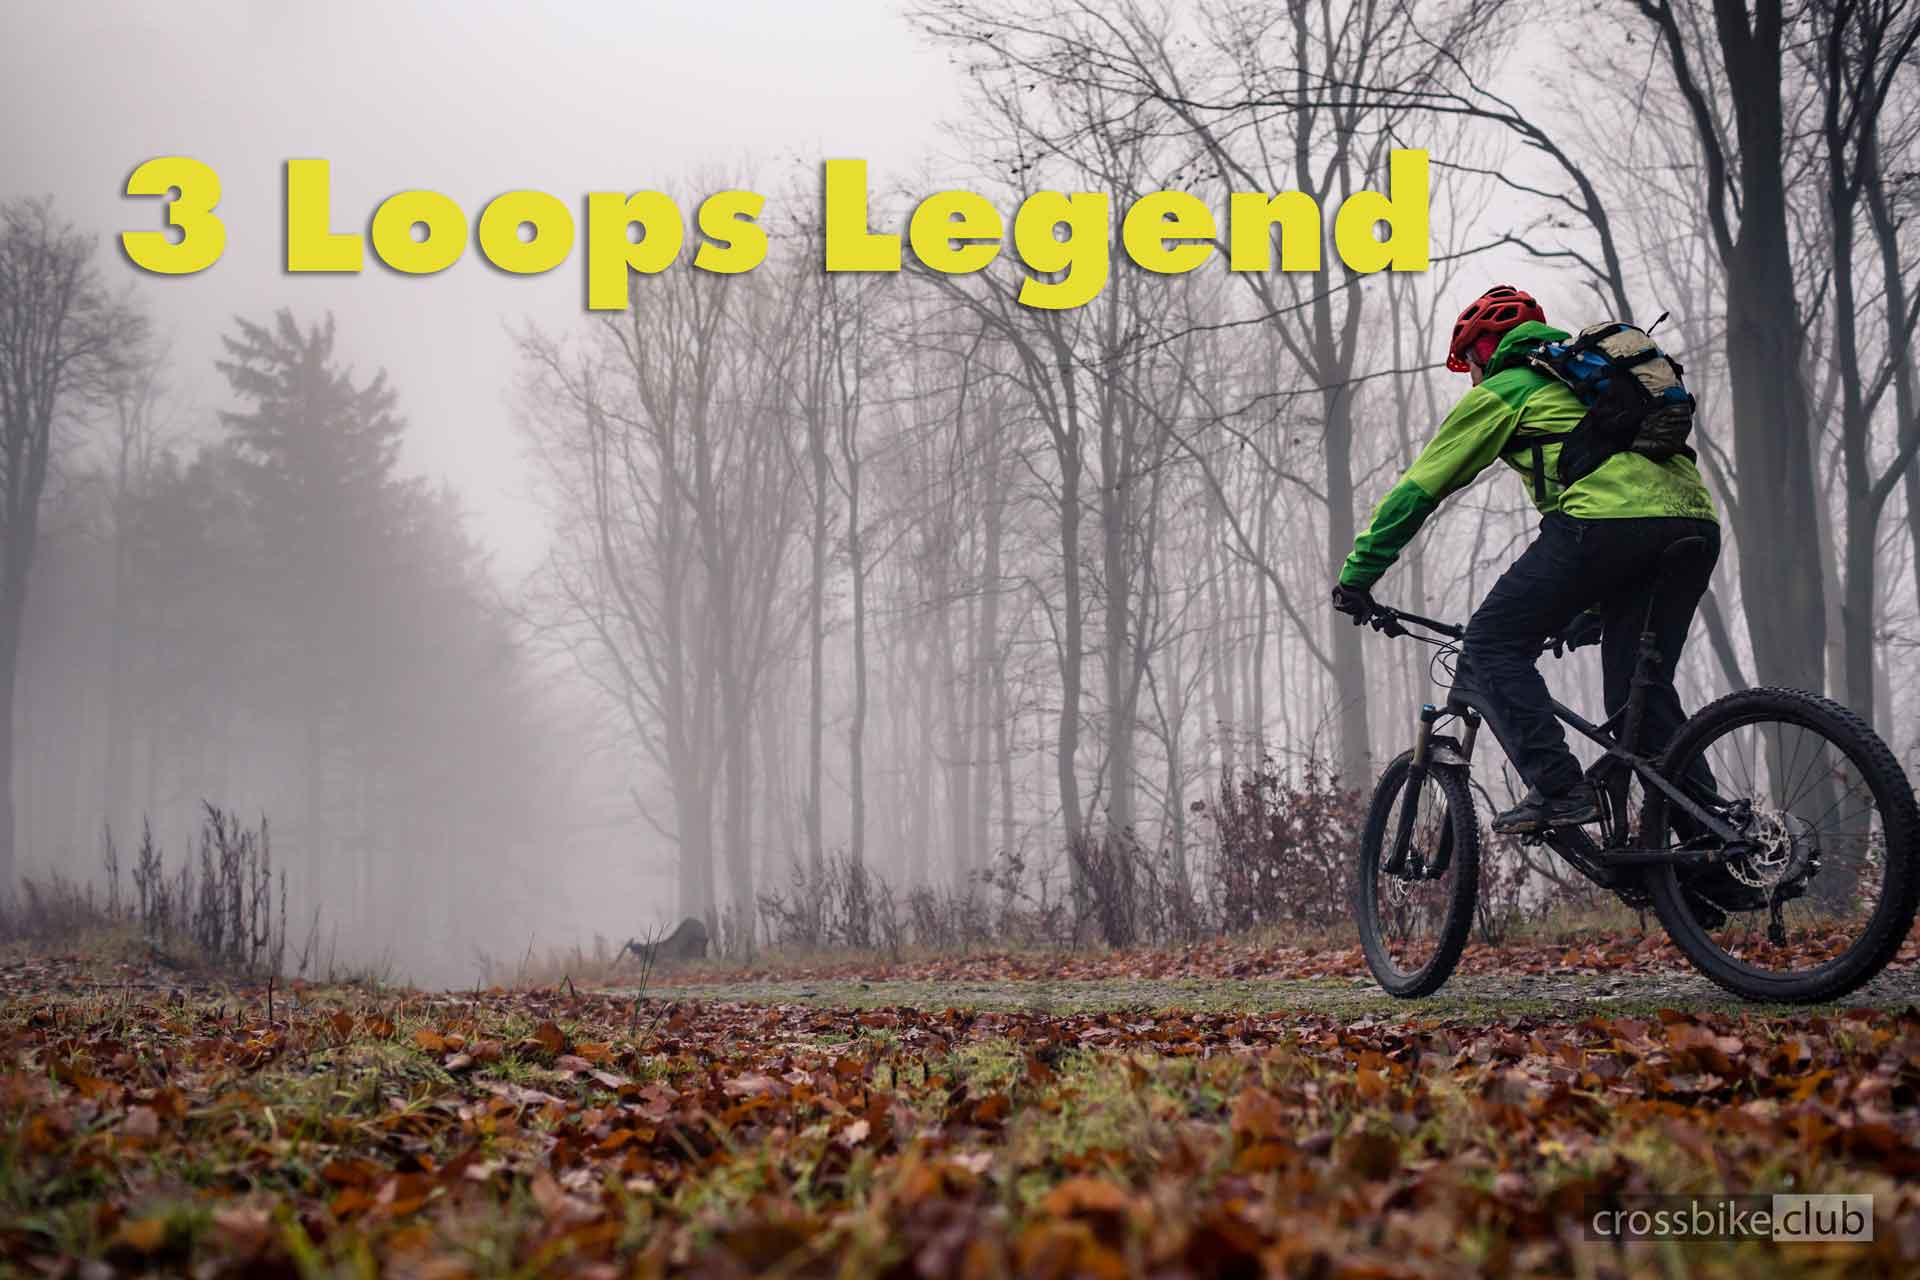 3 Loops Legend